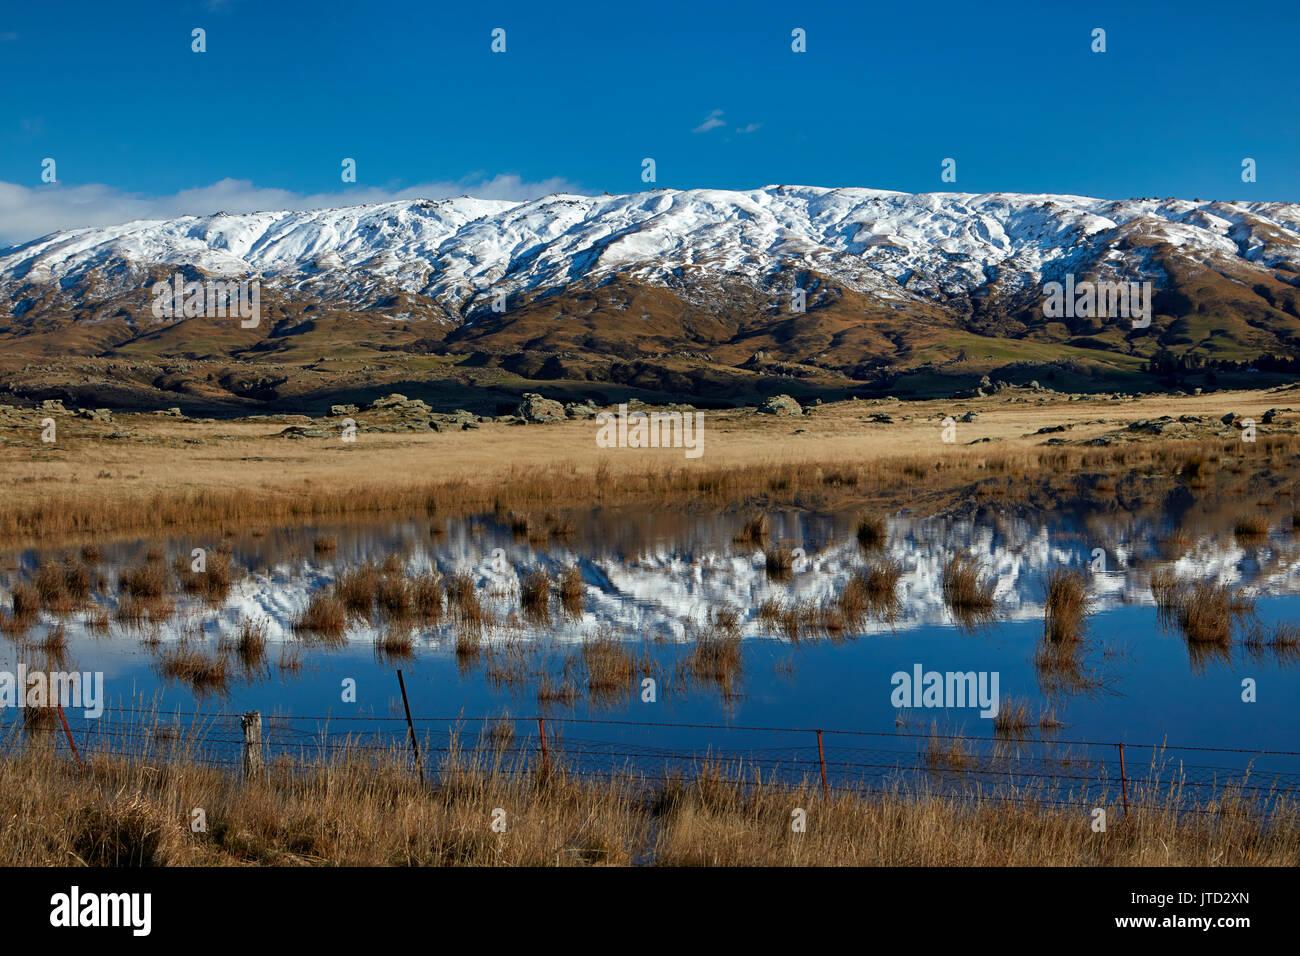 Granja estanque y roca y Pilar Gama, Sutton, cerca de Middlemarch, Strath Taieri, Otago, Isla del Sur, Nueva Zelanda Foto de stock